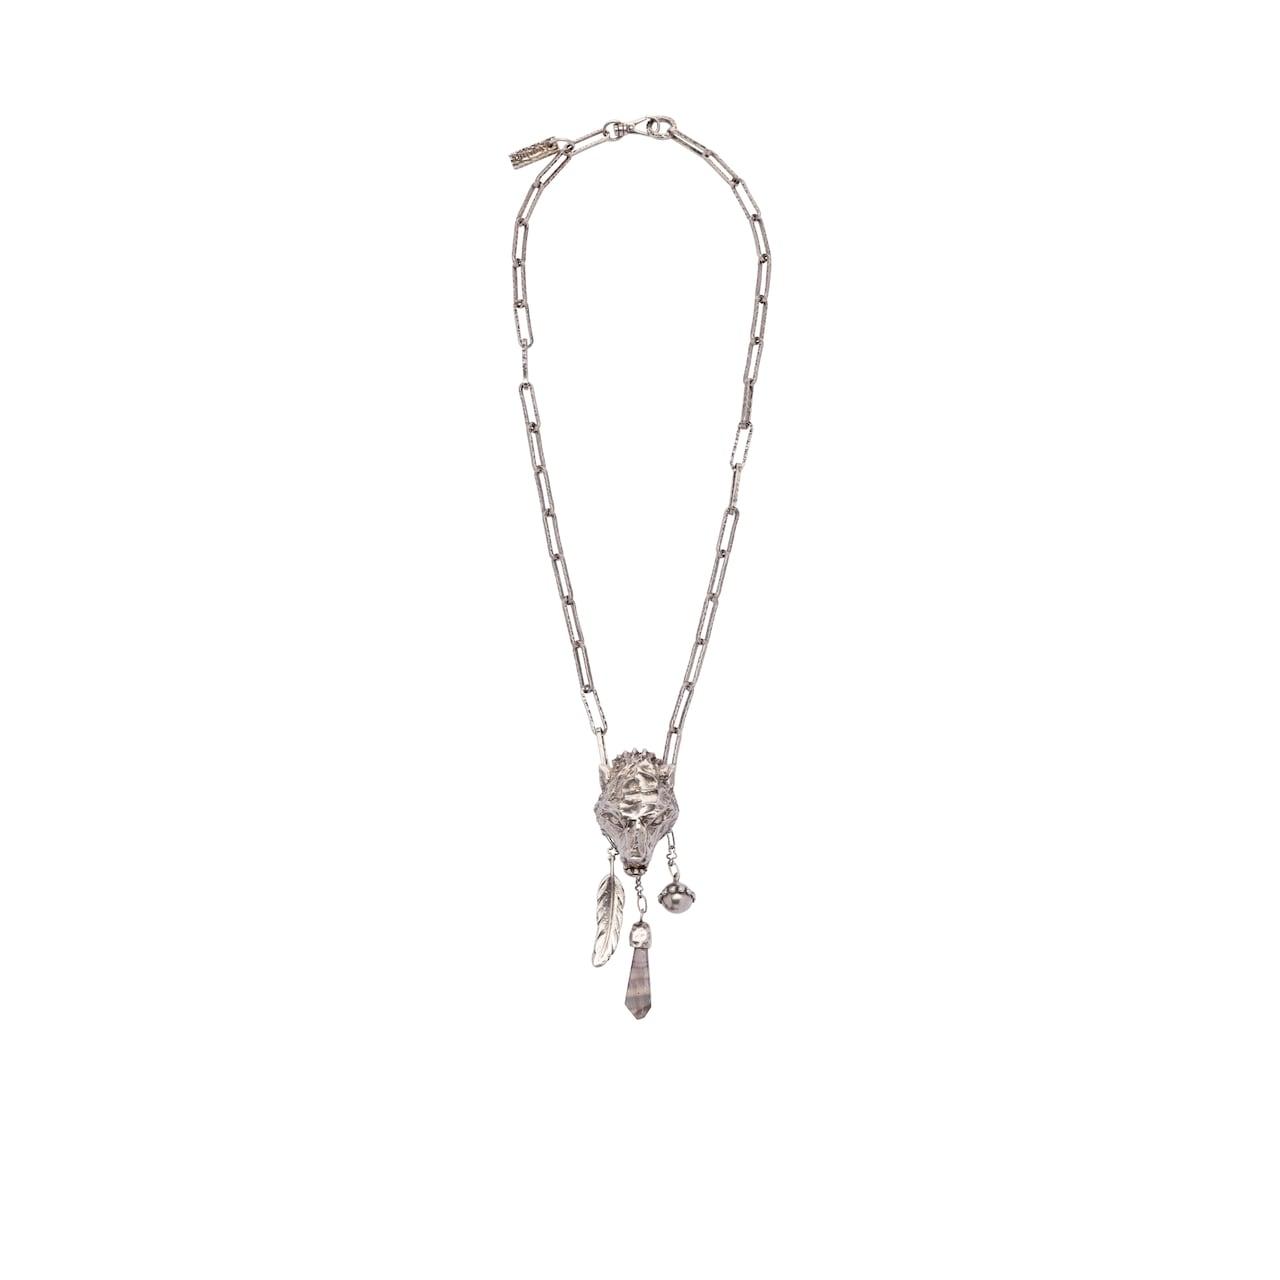 Prada Talisman wolf necklace